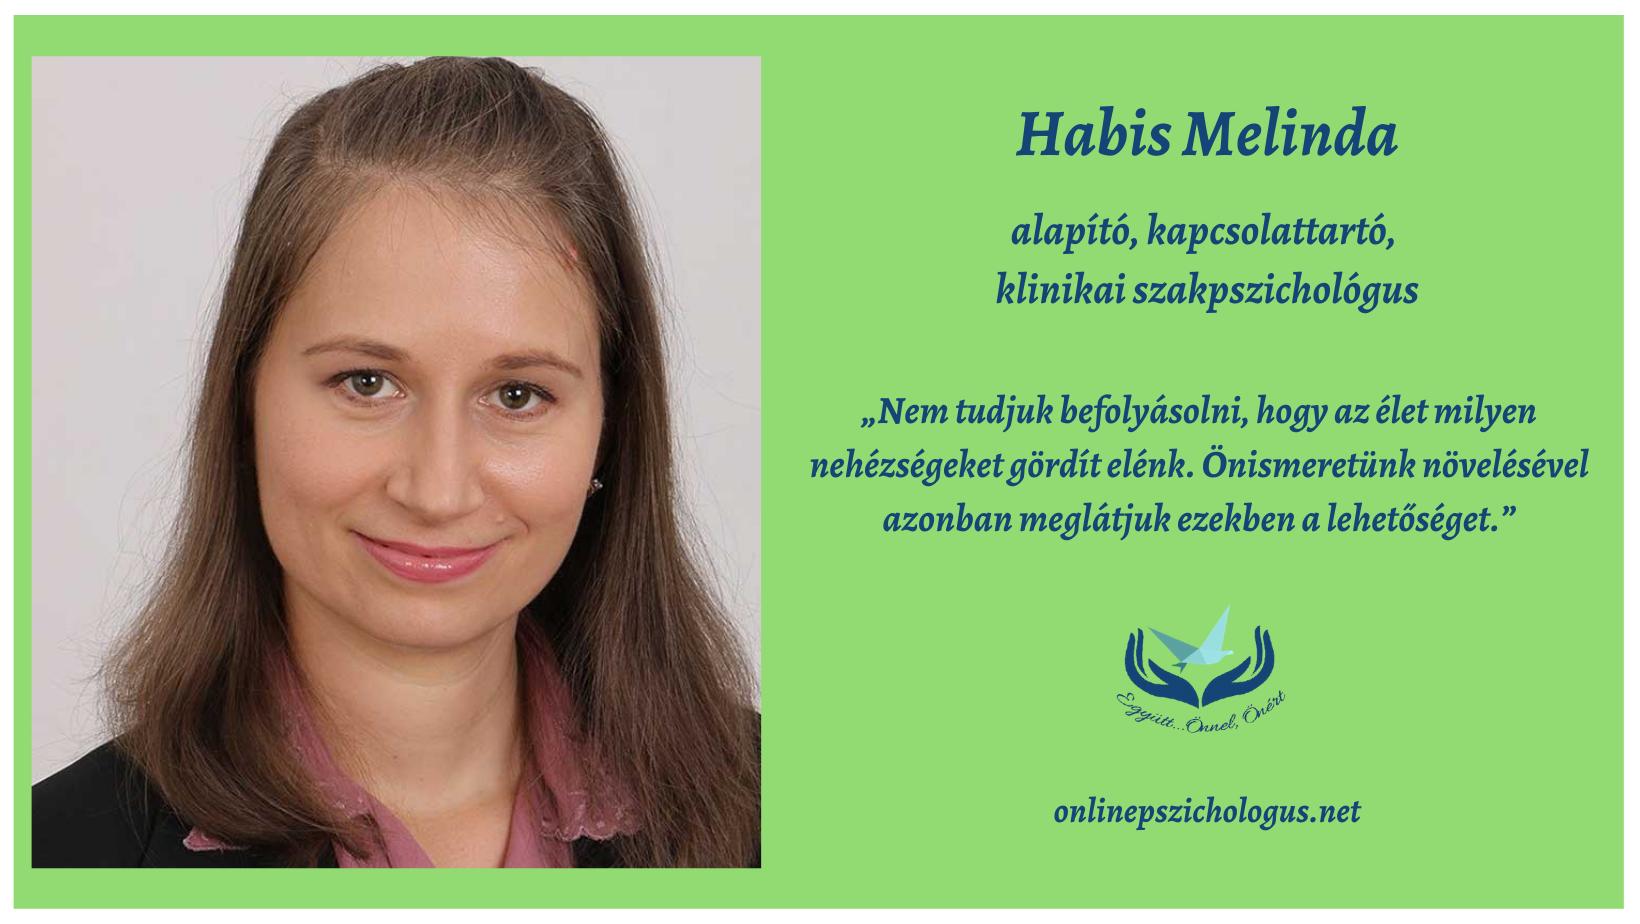 Interjú munkacsopurtunk alapítójával, Habis Melindával